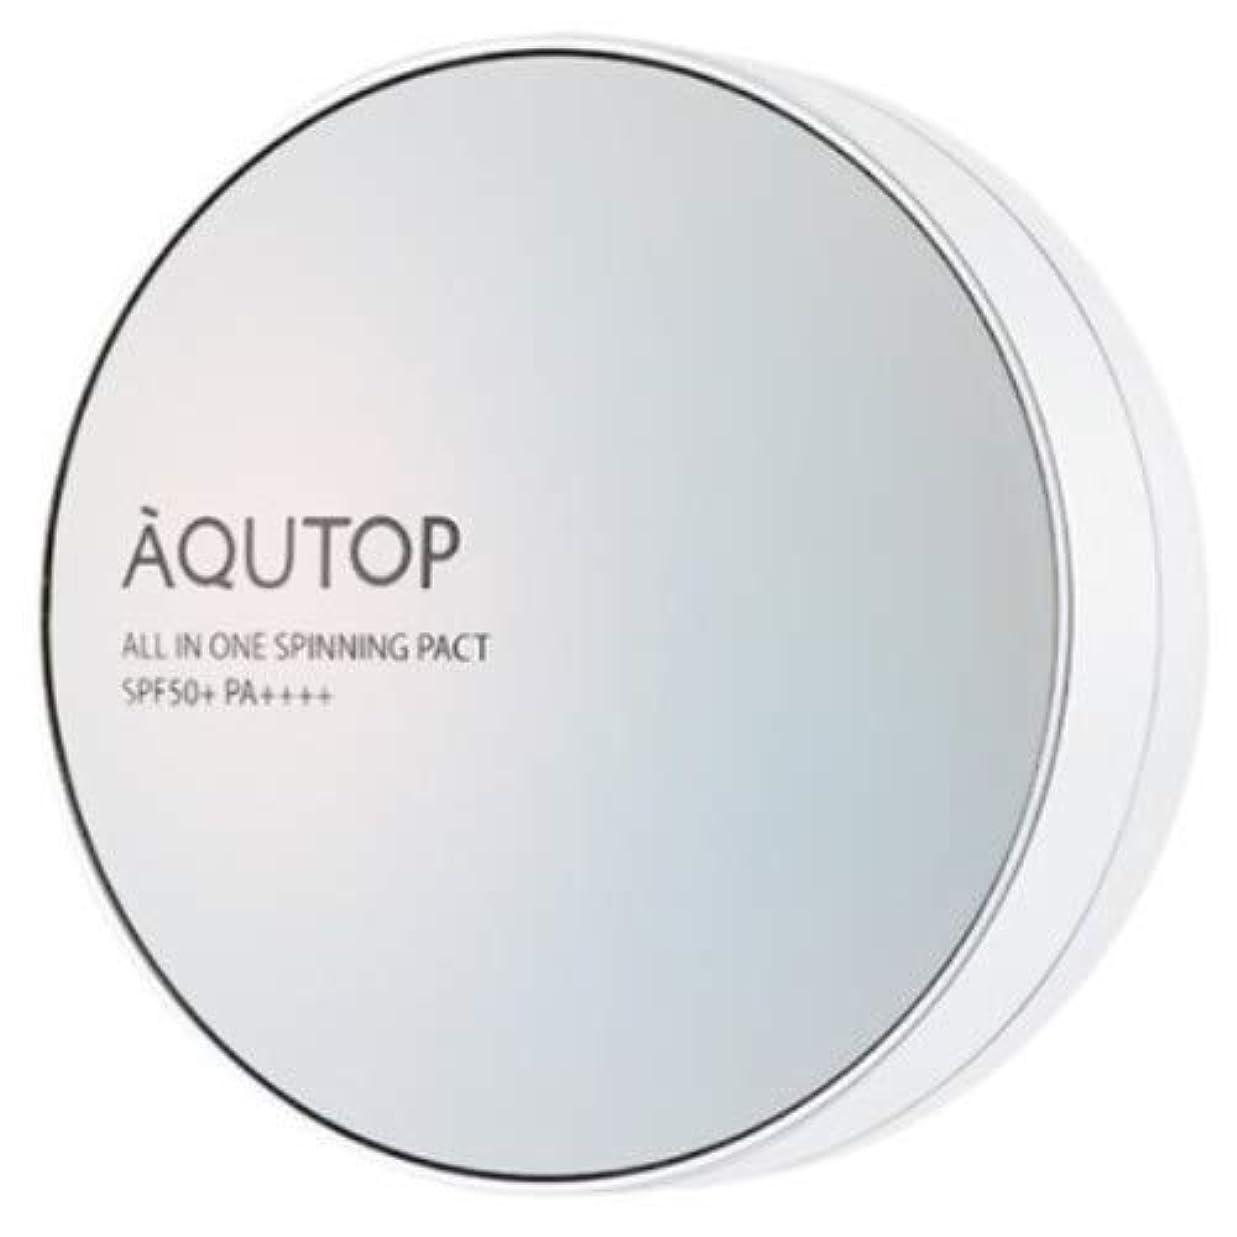 同意するビット兄弟愛[AQUTOP] アクタップオールインワンスピニングファクト SPF 50+ PA ++++ / AQUTOP ALL IN ONE SPINNING PACT [並行輸入品] (21号 ライトベージュ)